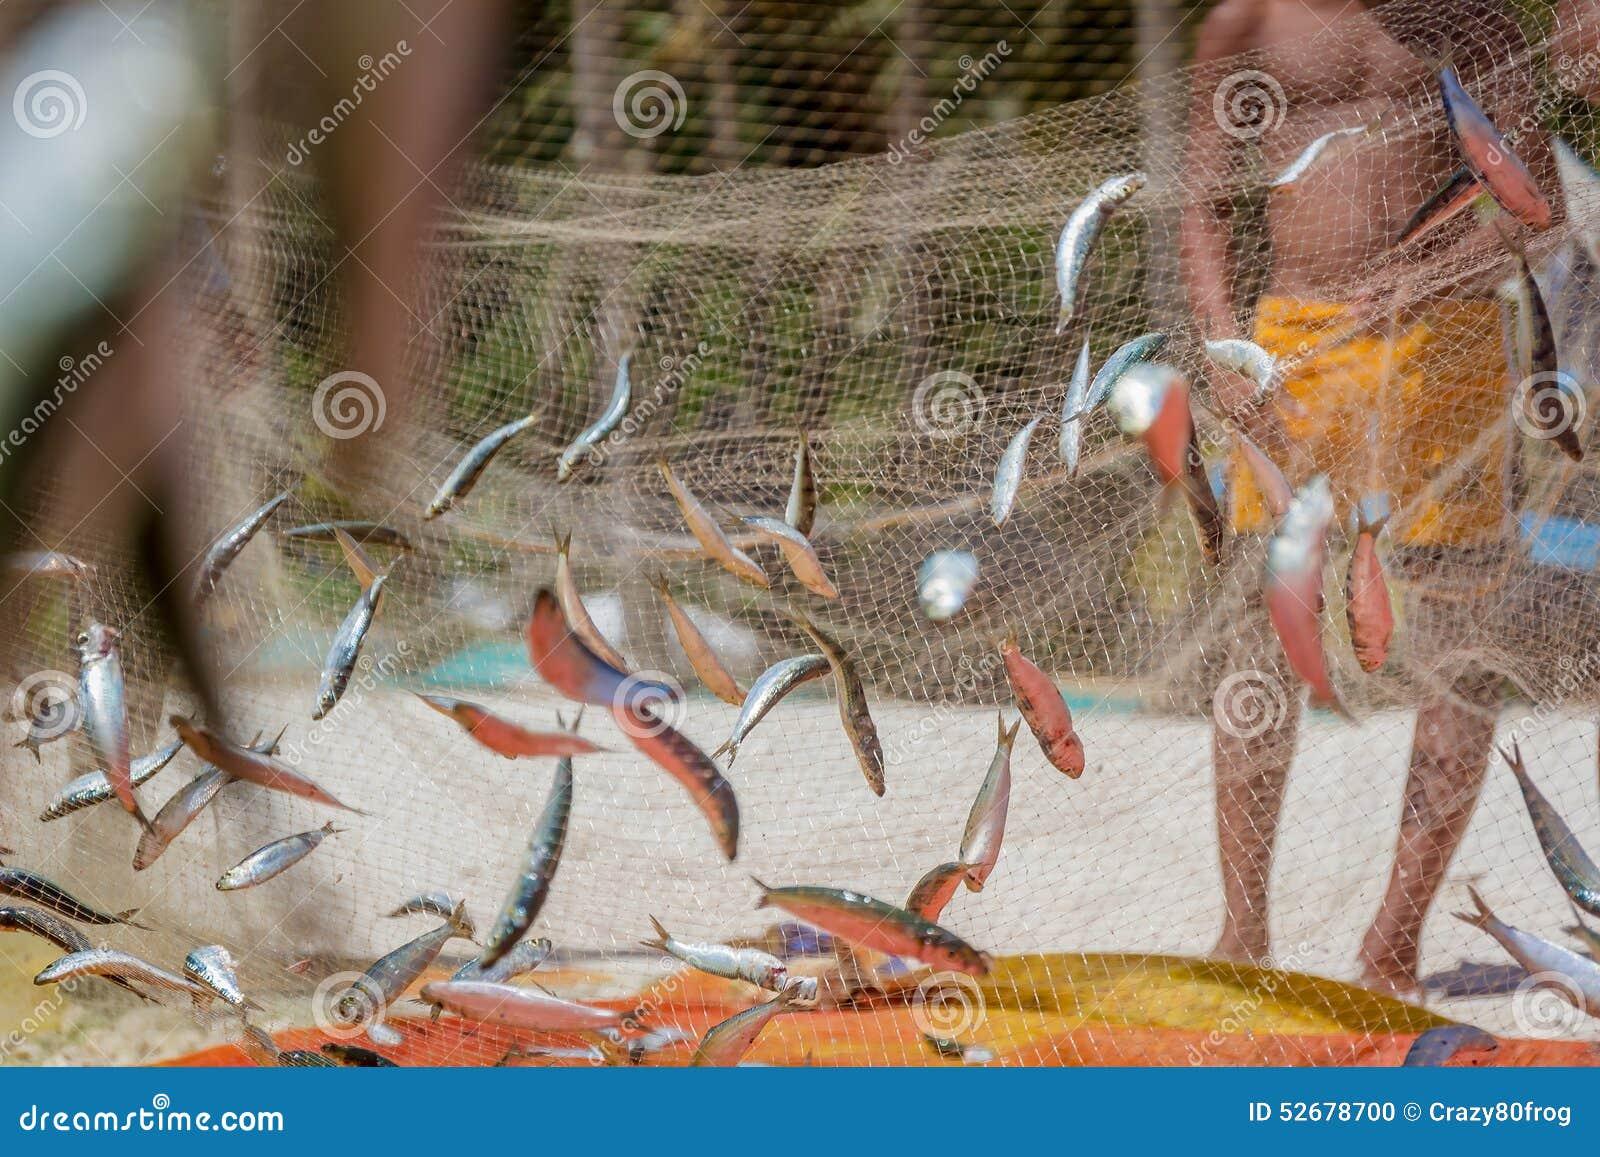 Rete da pesca con il pesce fotografia stock immagine di - Rete da pesca per decorazioni ...